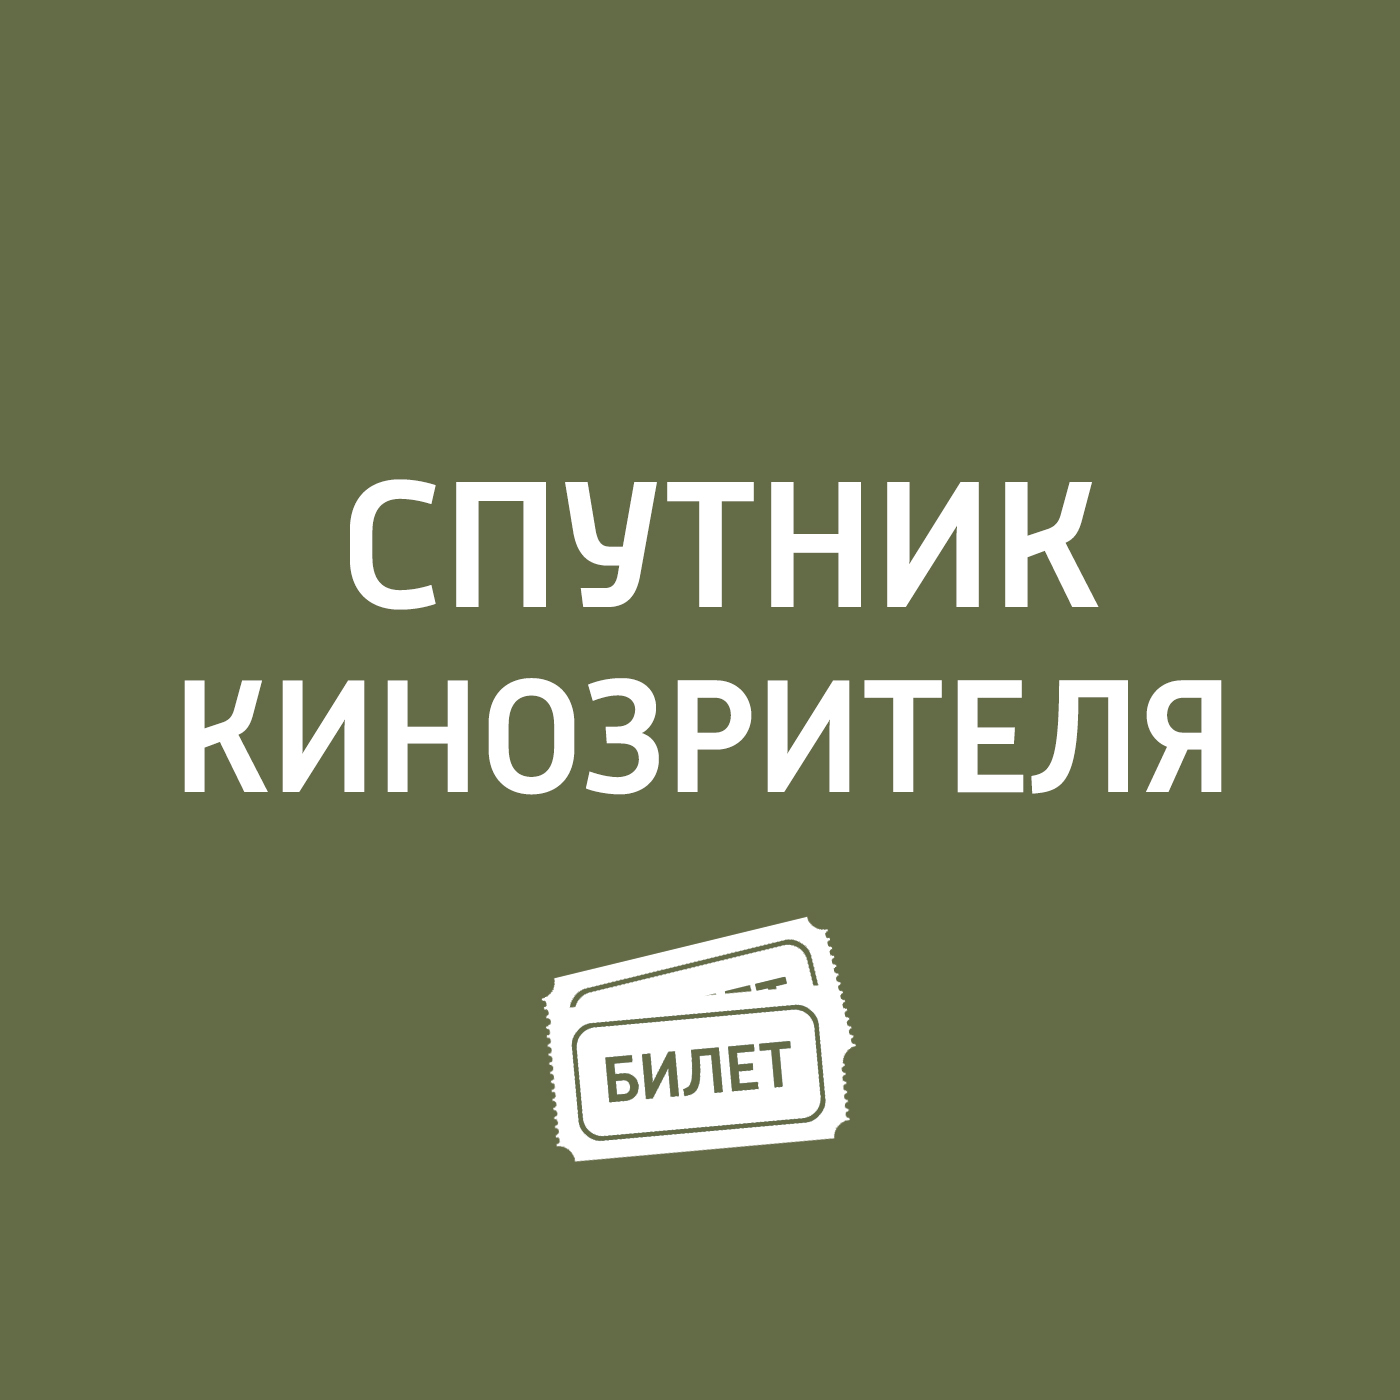 Антон Долин Лучшее. Робин Уильямс цены онлайн